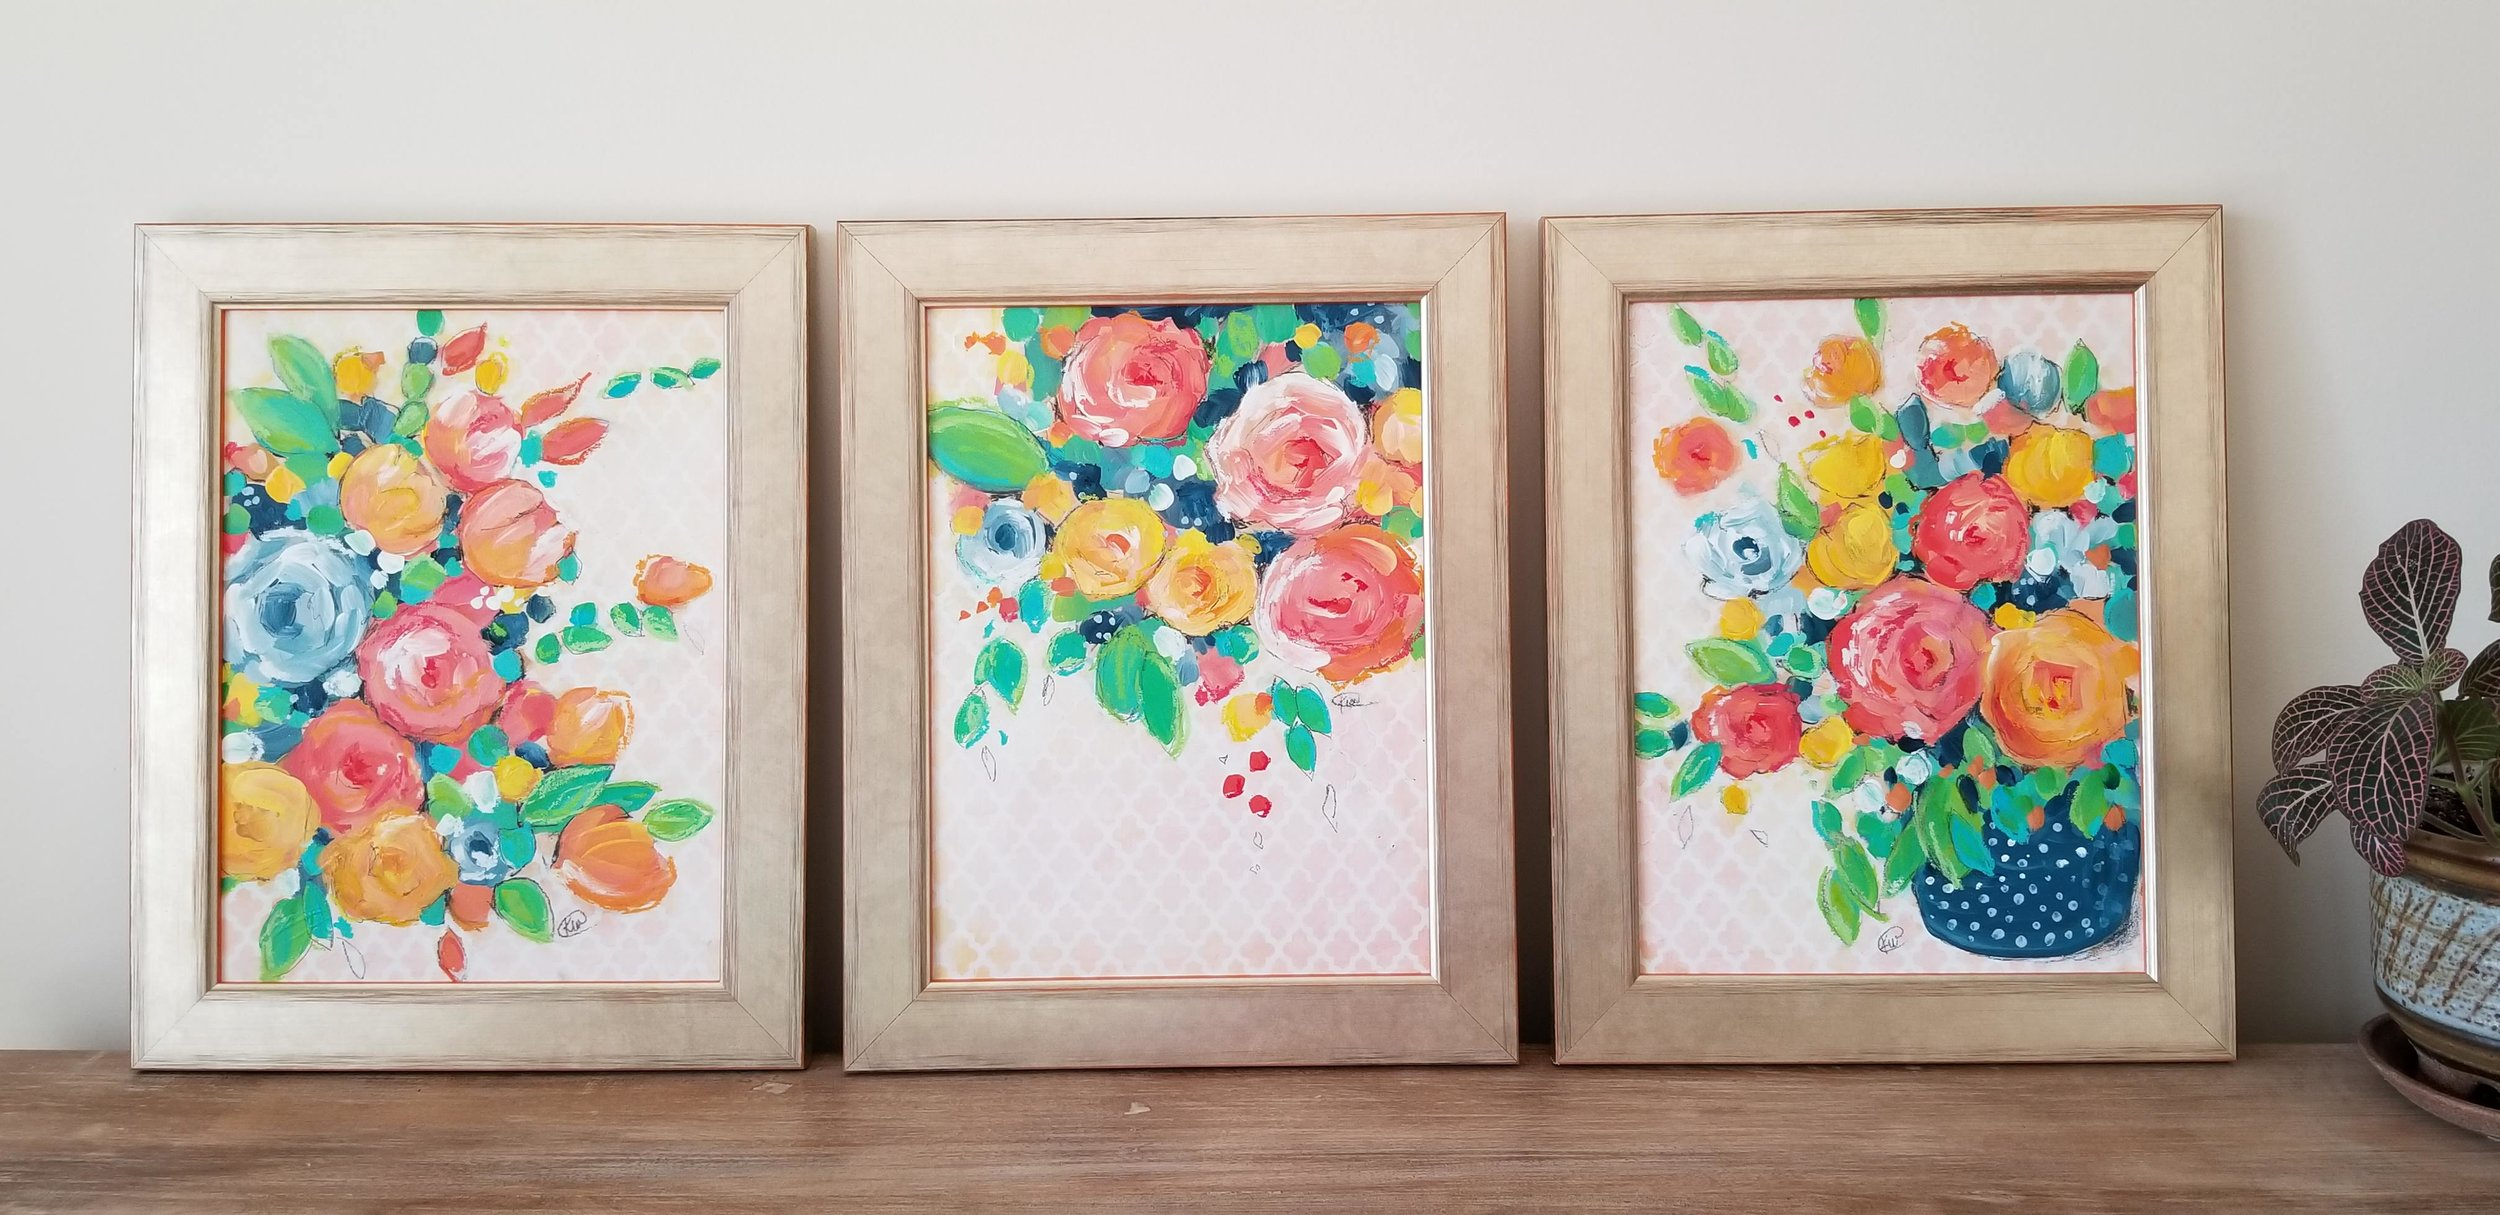 Original abstract floral paintings by Kellee Wynne Conrad.jpg